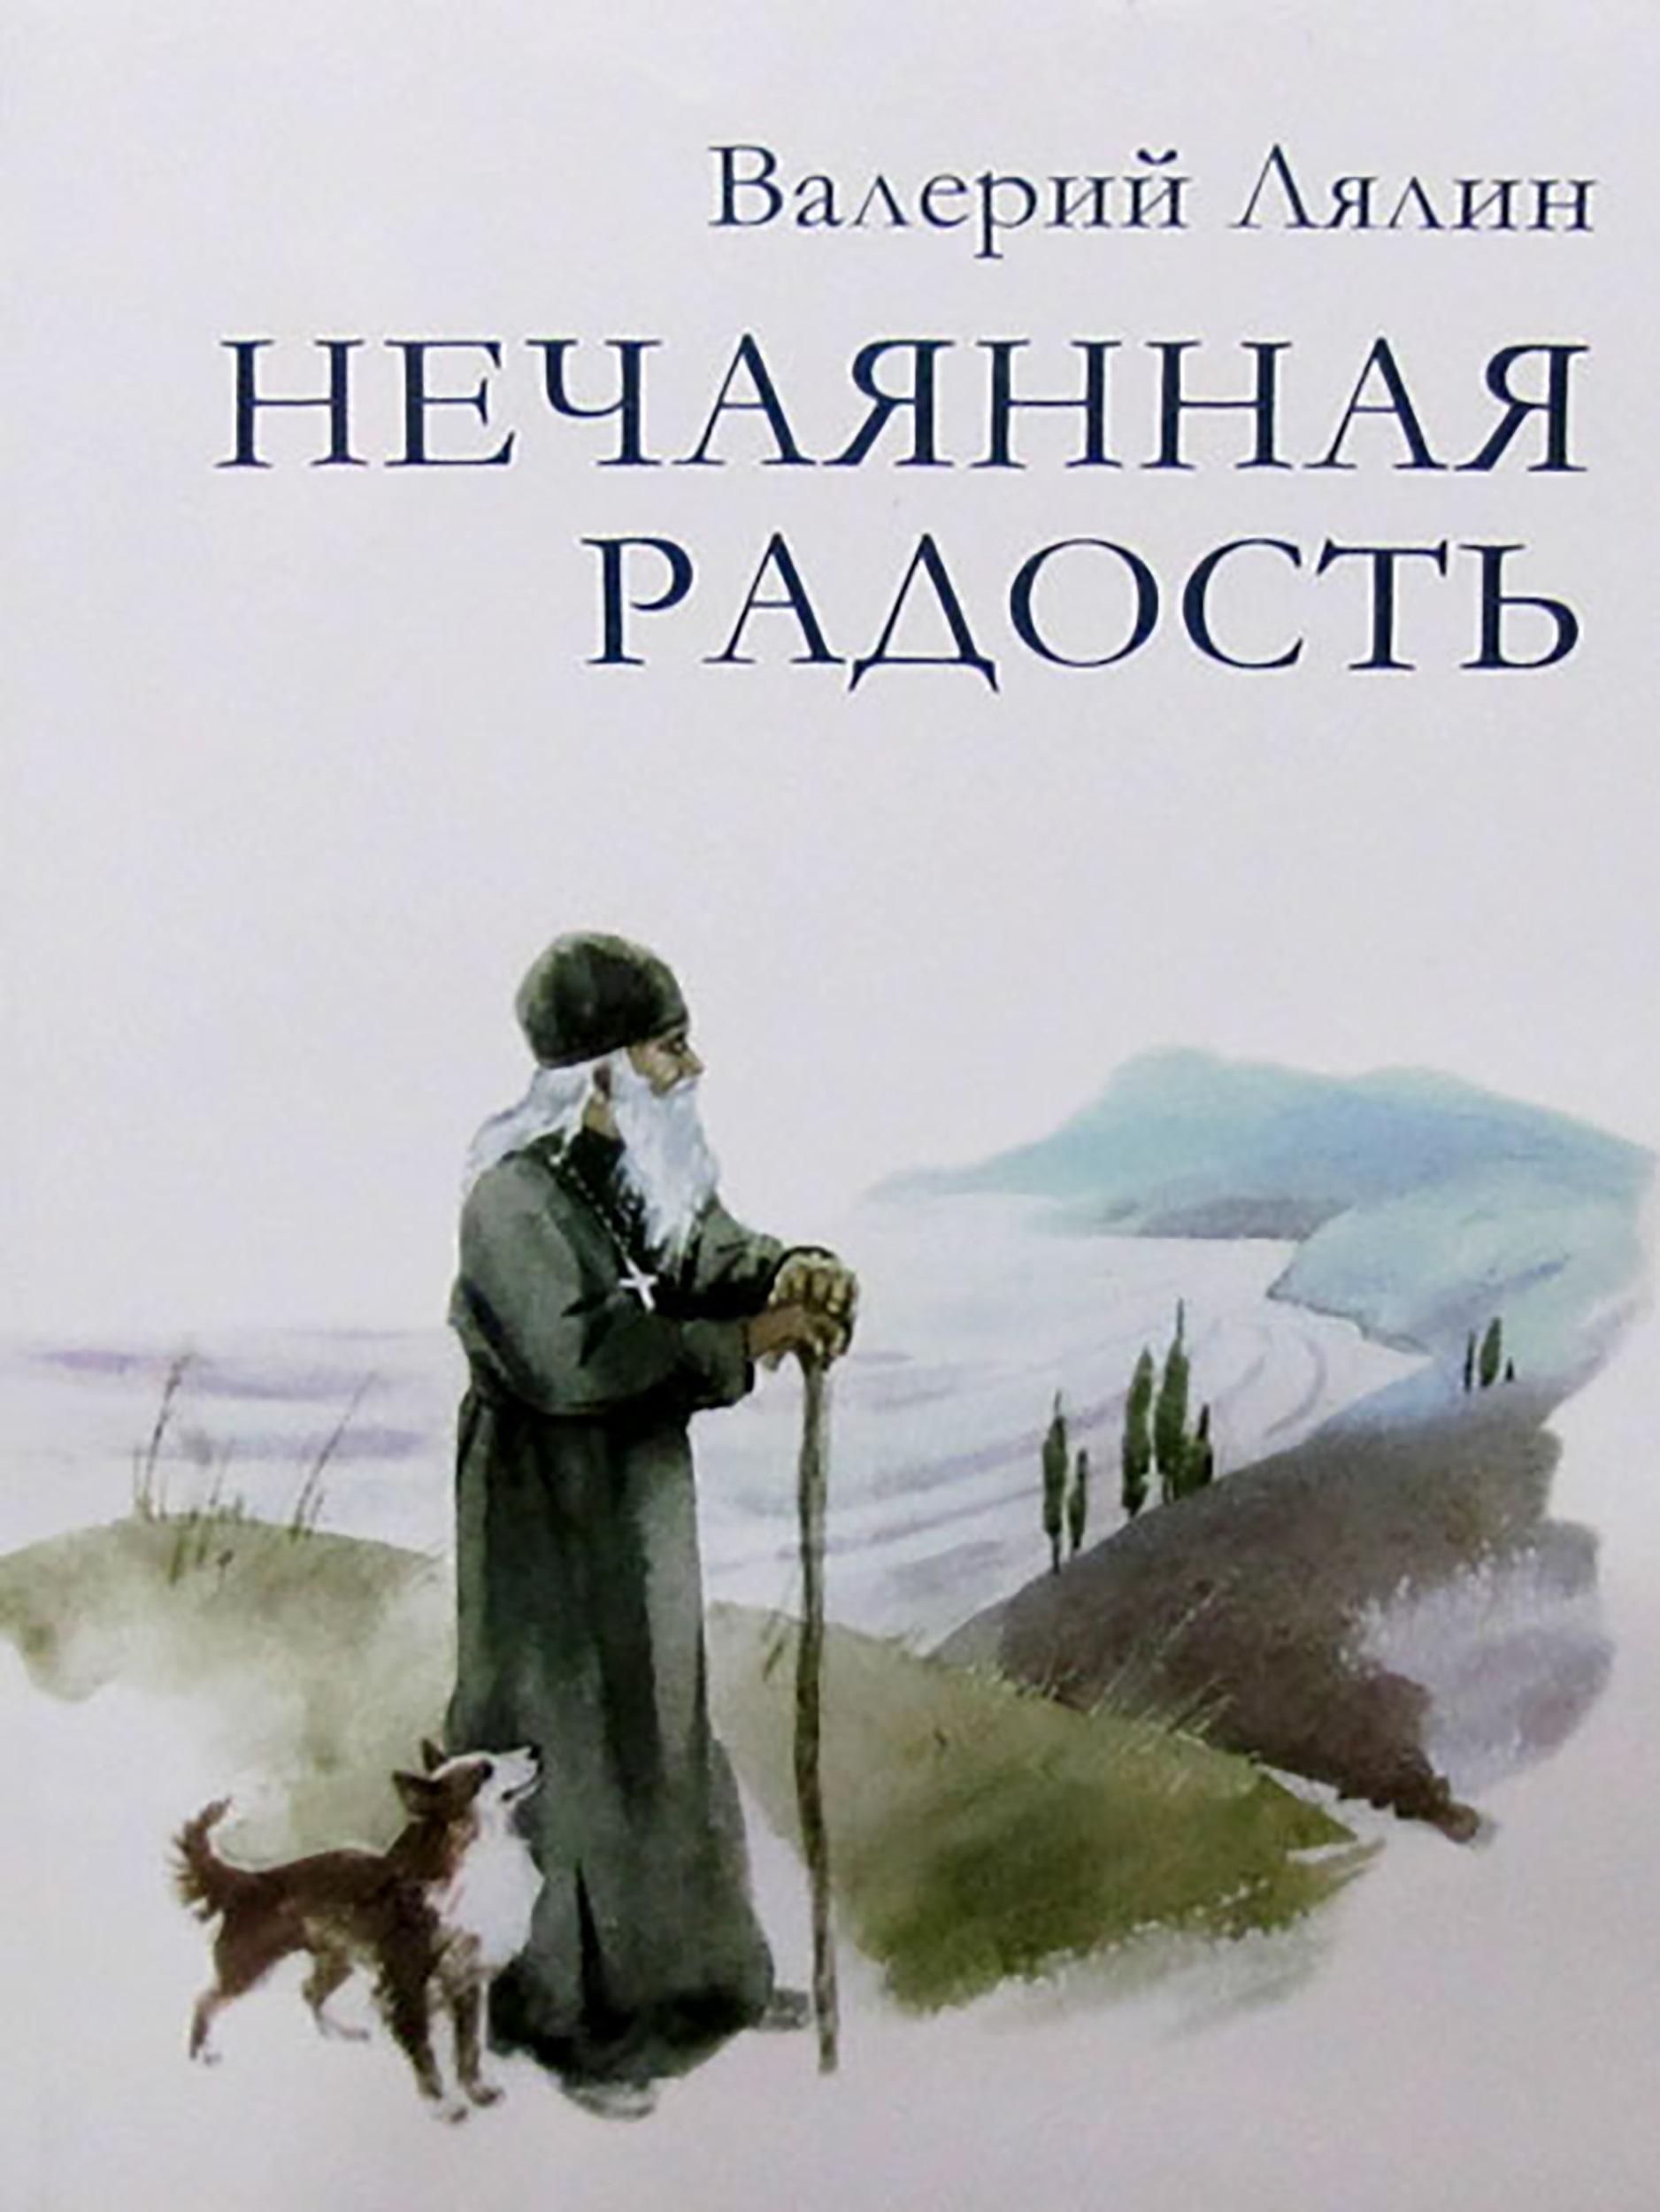 Купить книгу Нечаянная радость, автора Валерия Лялина